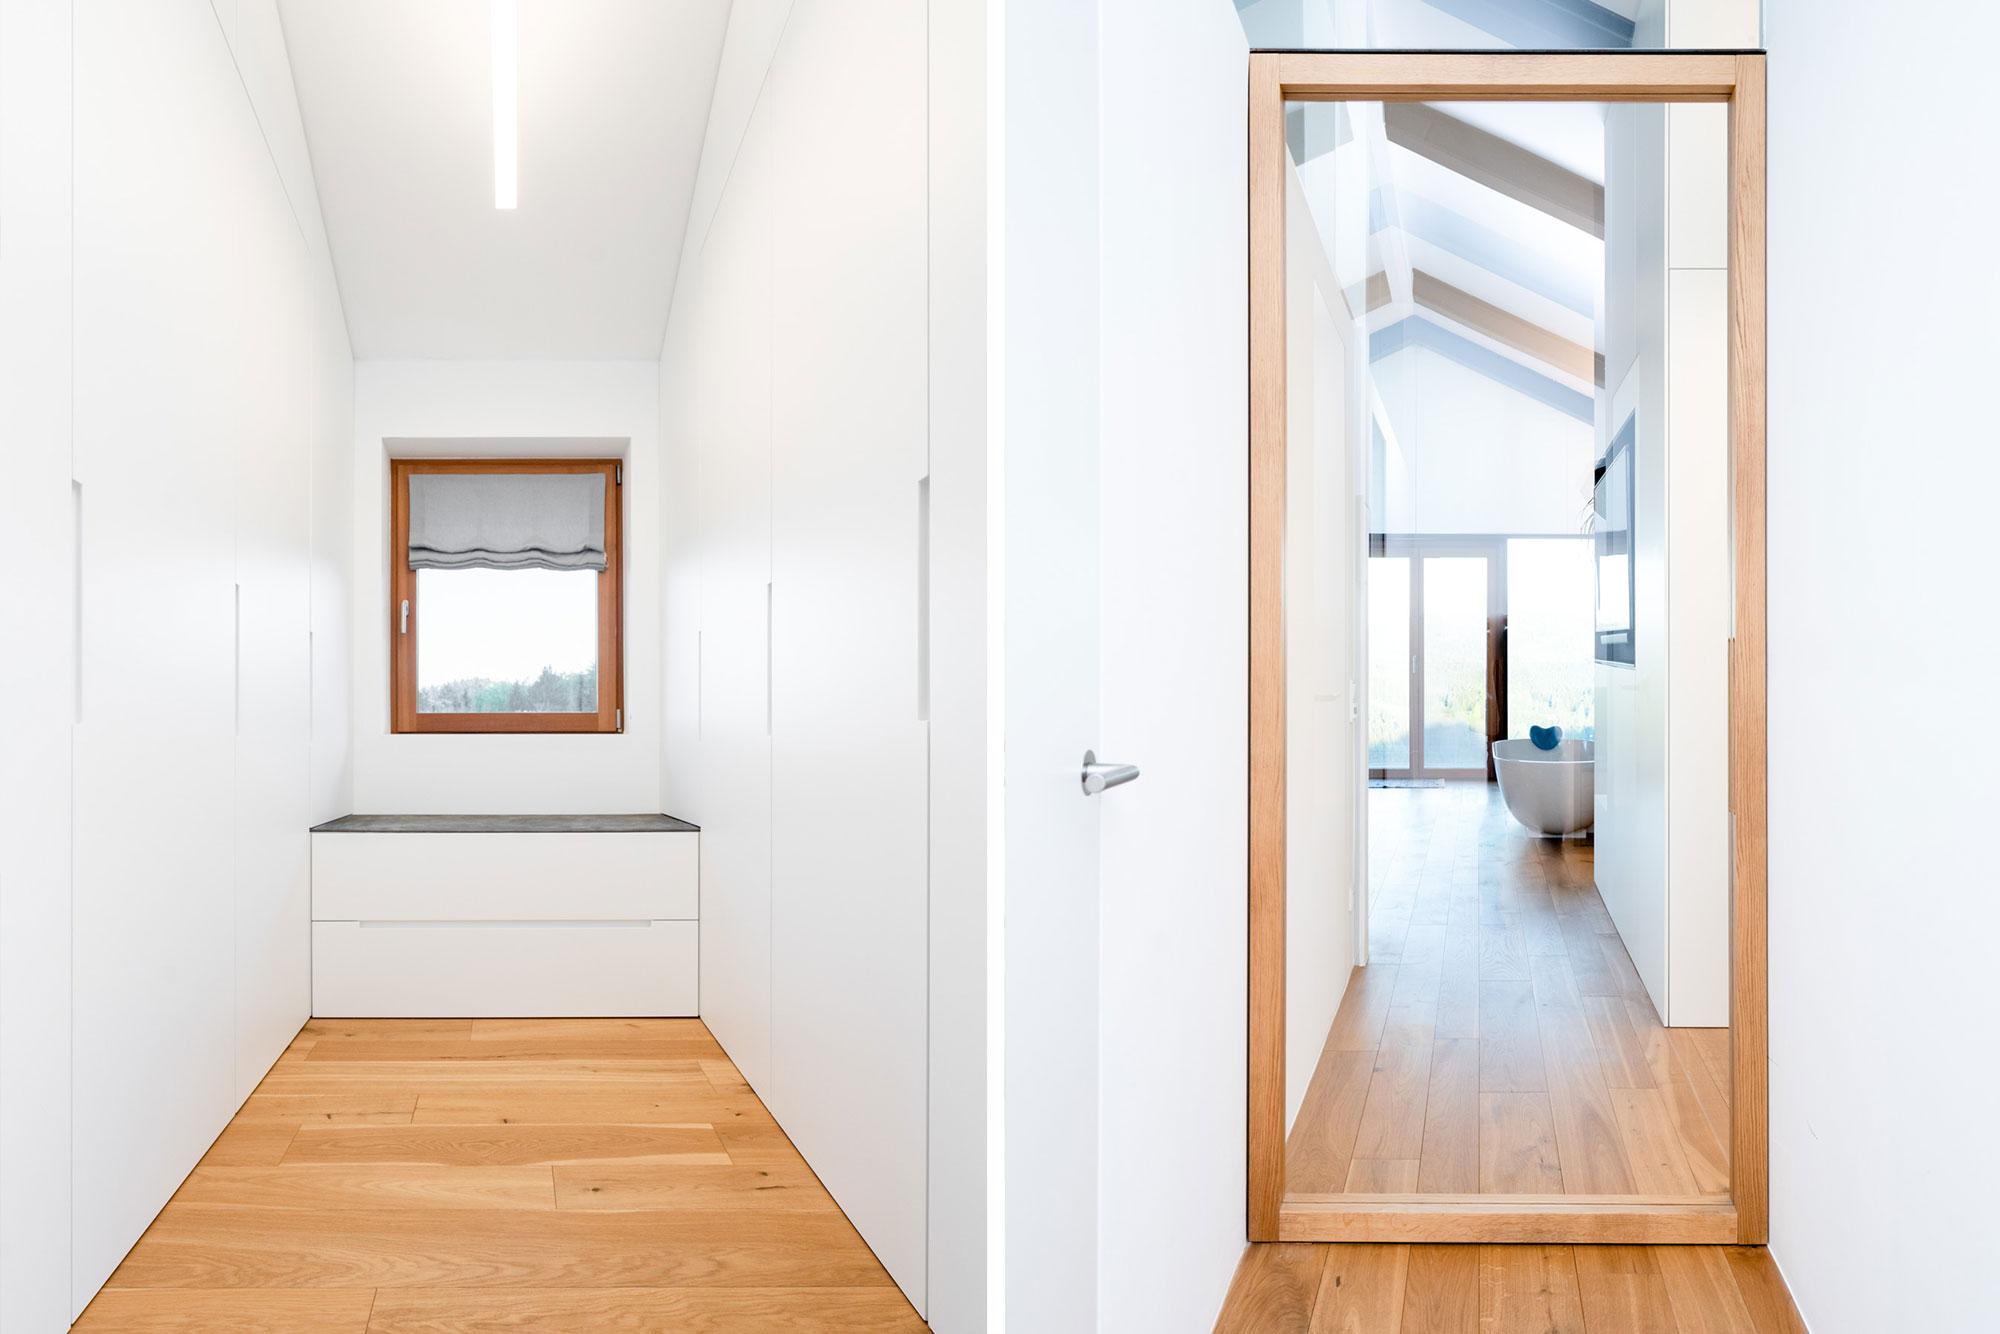 Raumhohe Einbauschränke und Türe